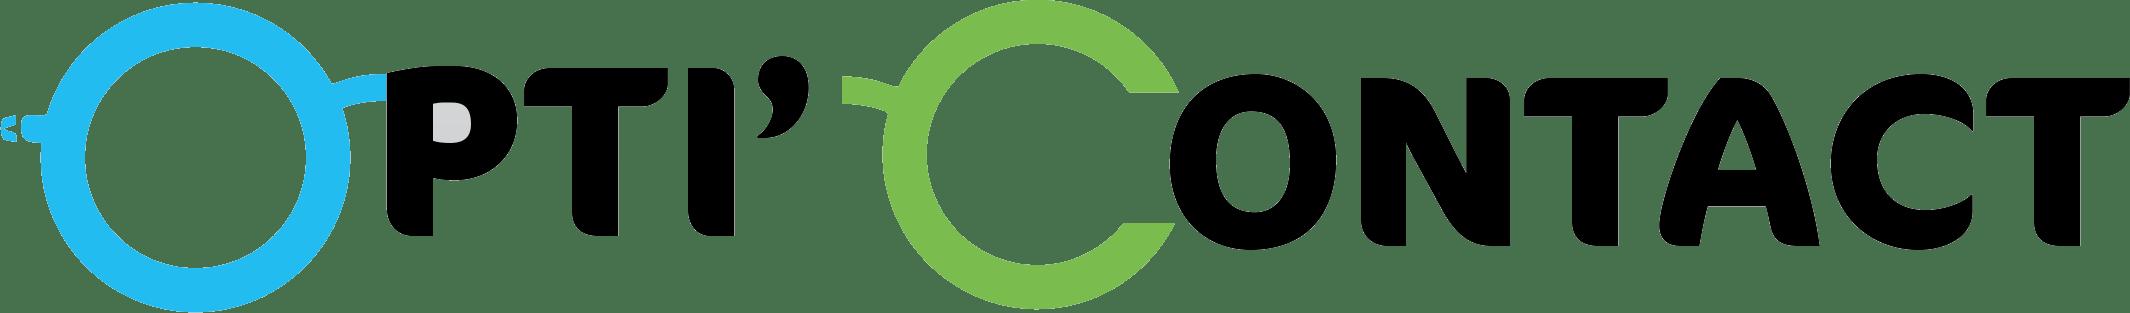 Opti Contact, opticien à Beugnies